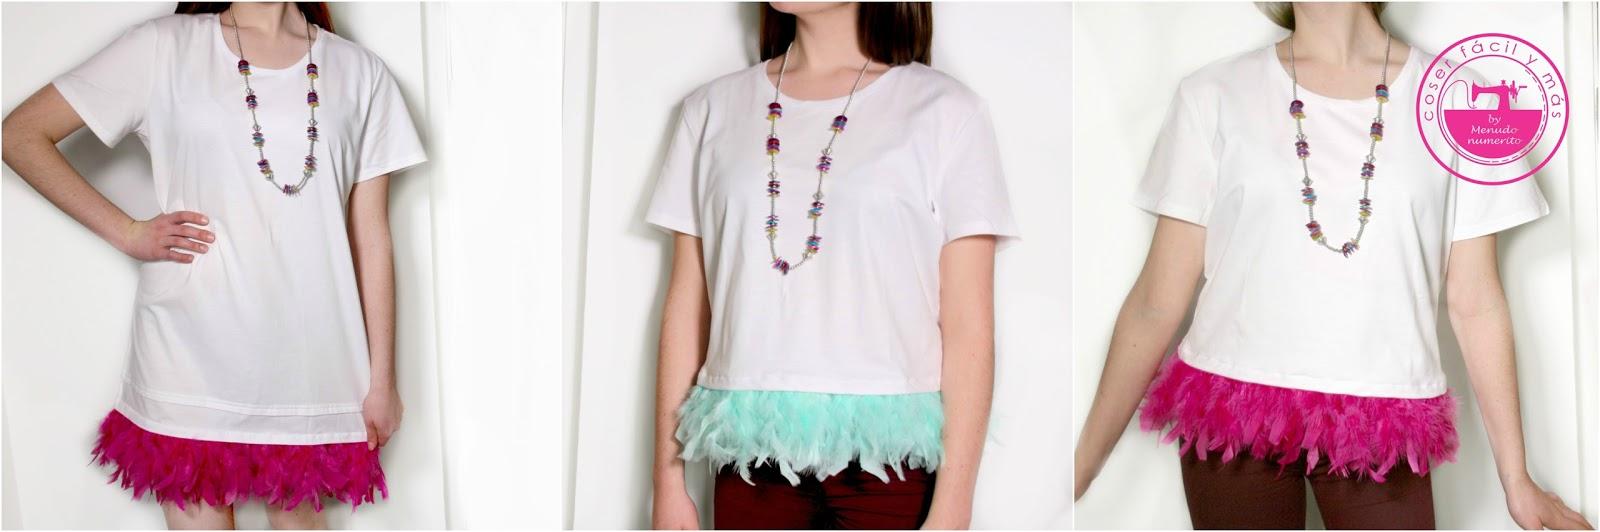 El blog de coser f cil y m s by menudo numerito costura creativa - Decorar camisetas basicas ...